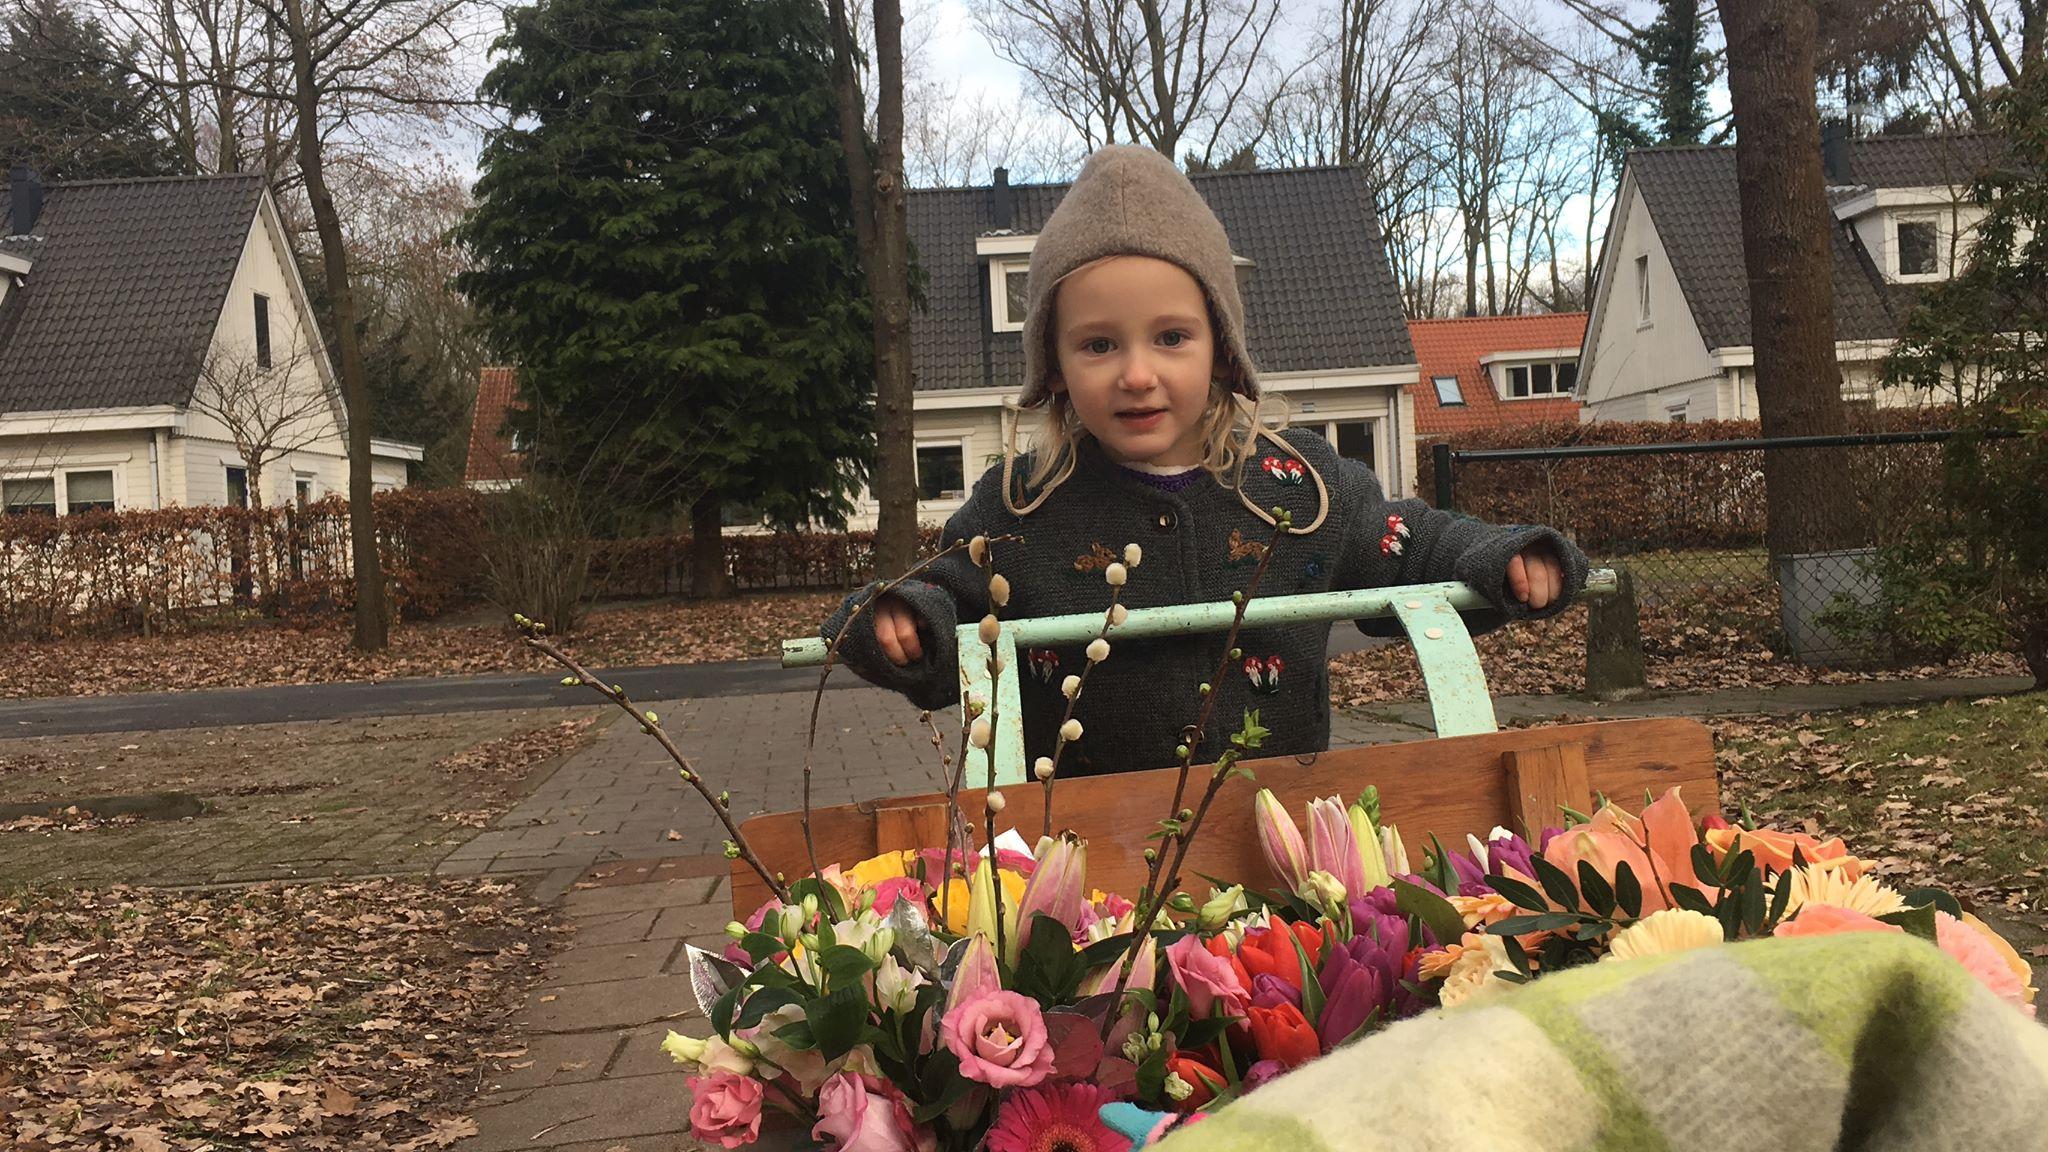 De vier-jarige 'bloemenmeisje' Isis redt bloemen die anders door de supermarkt weggegooid zouden worden en brengt ze bij eenzame ouderen langs.